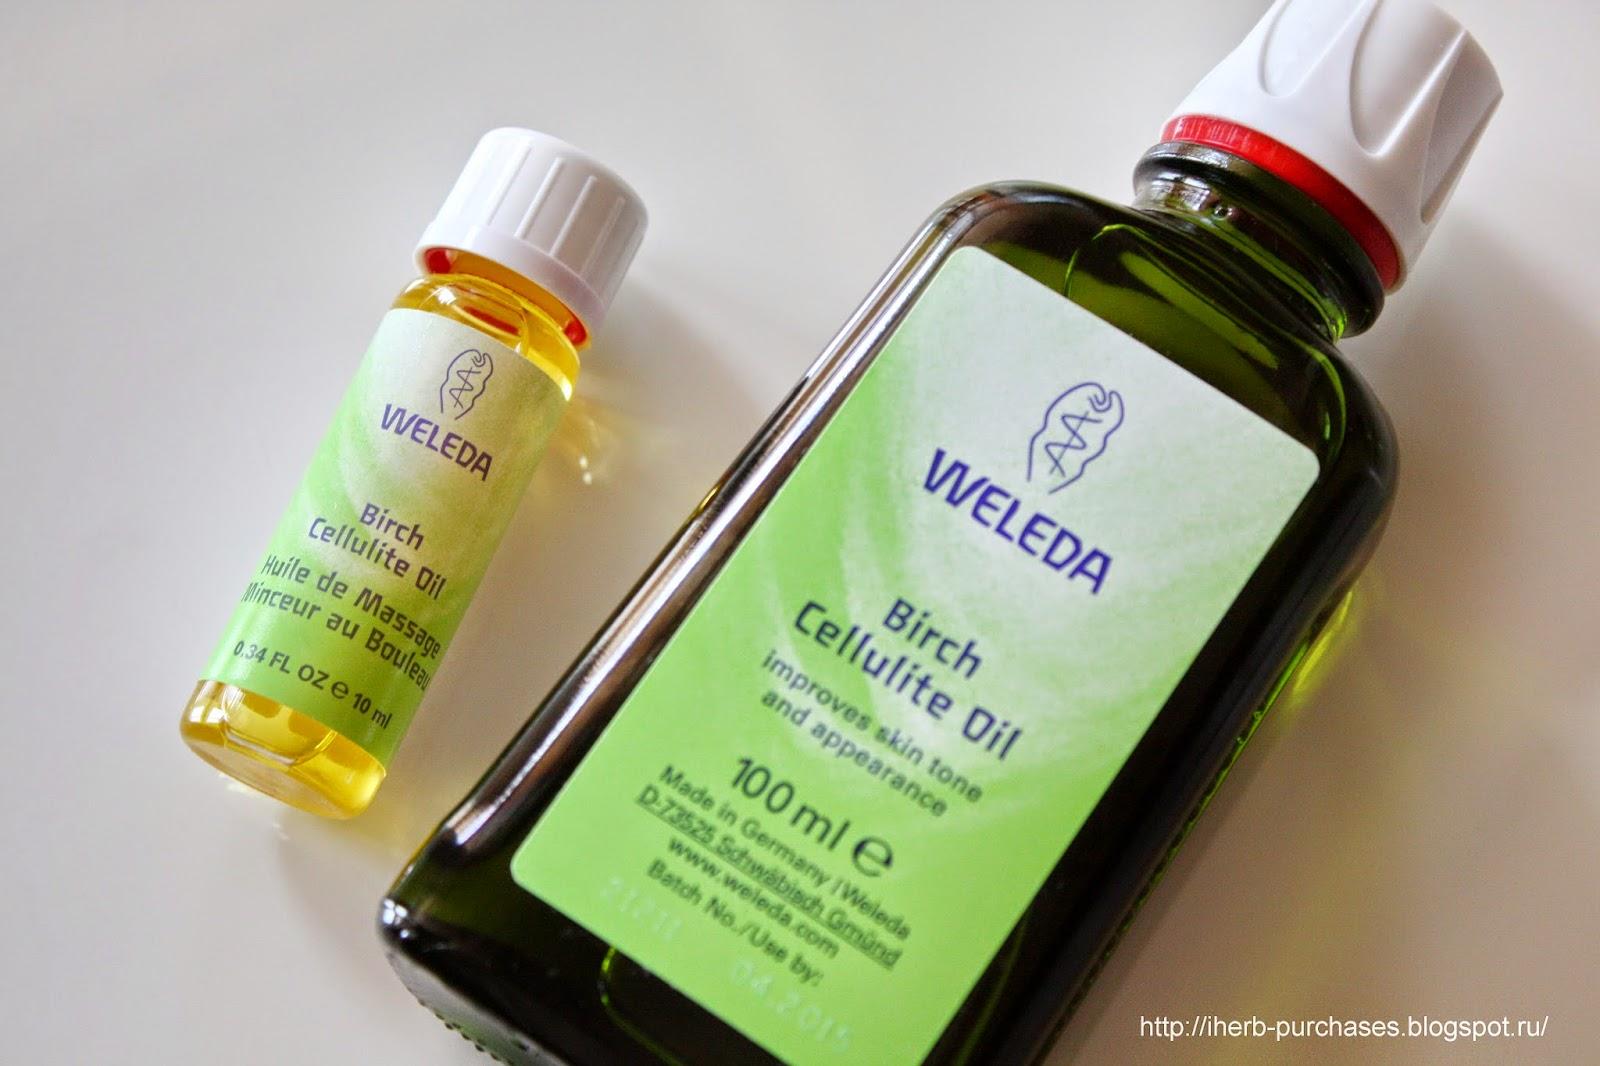 березовое антицеллюлитное масло Веледа